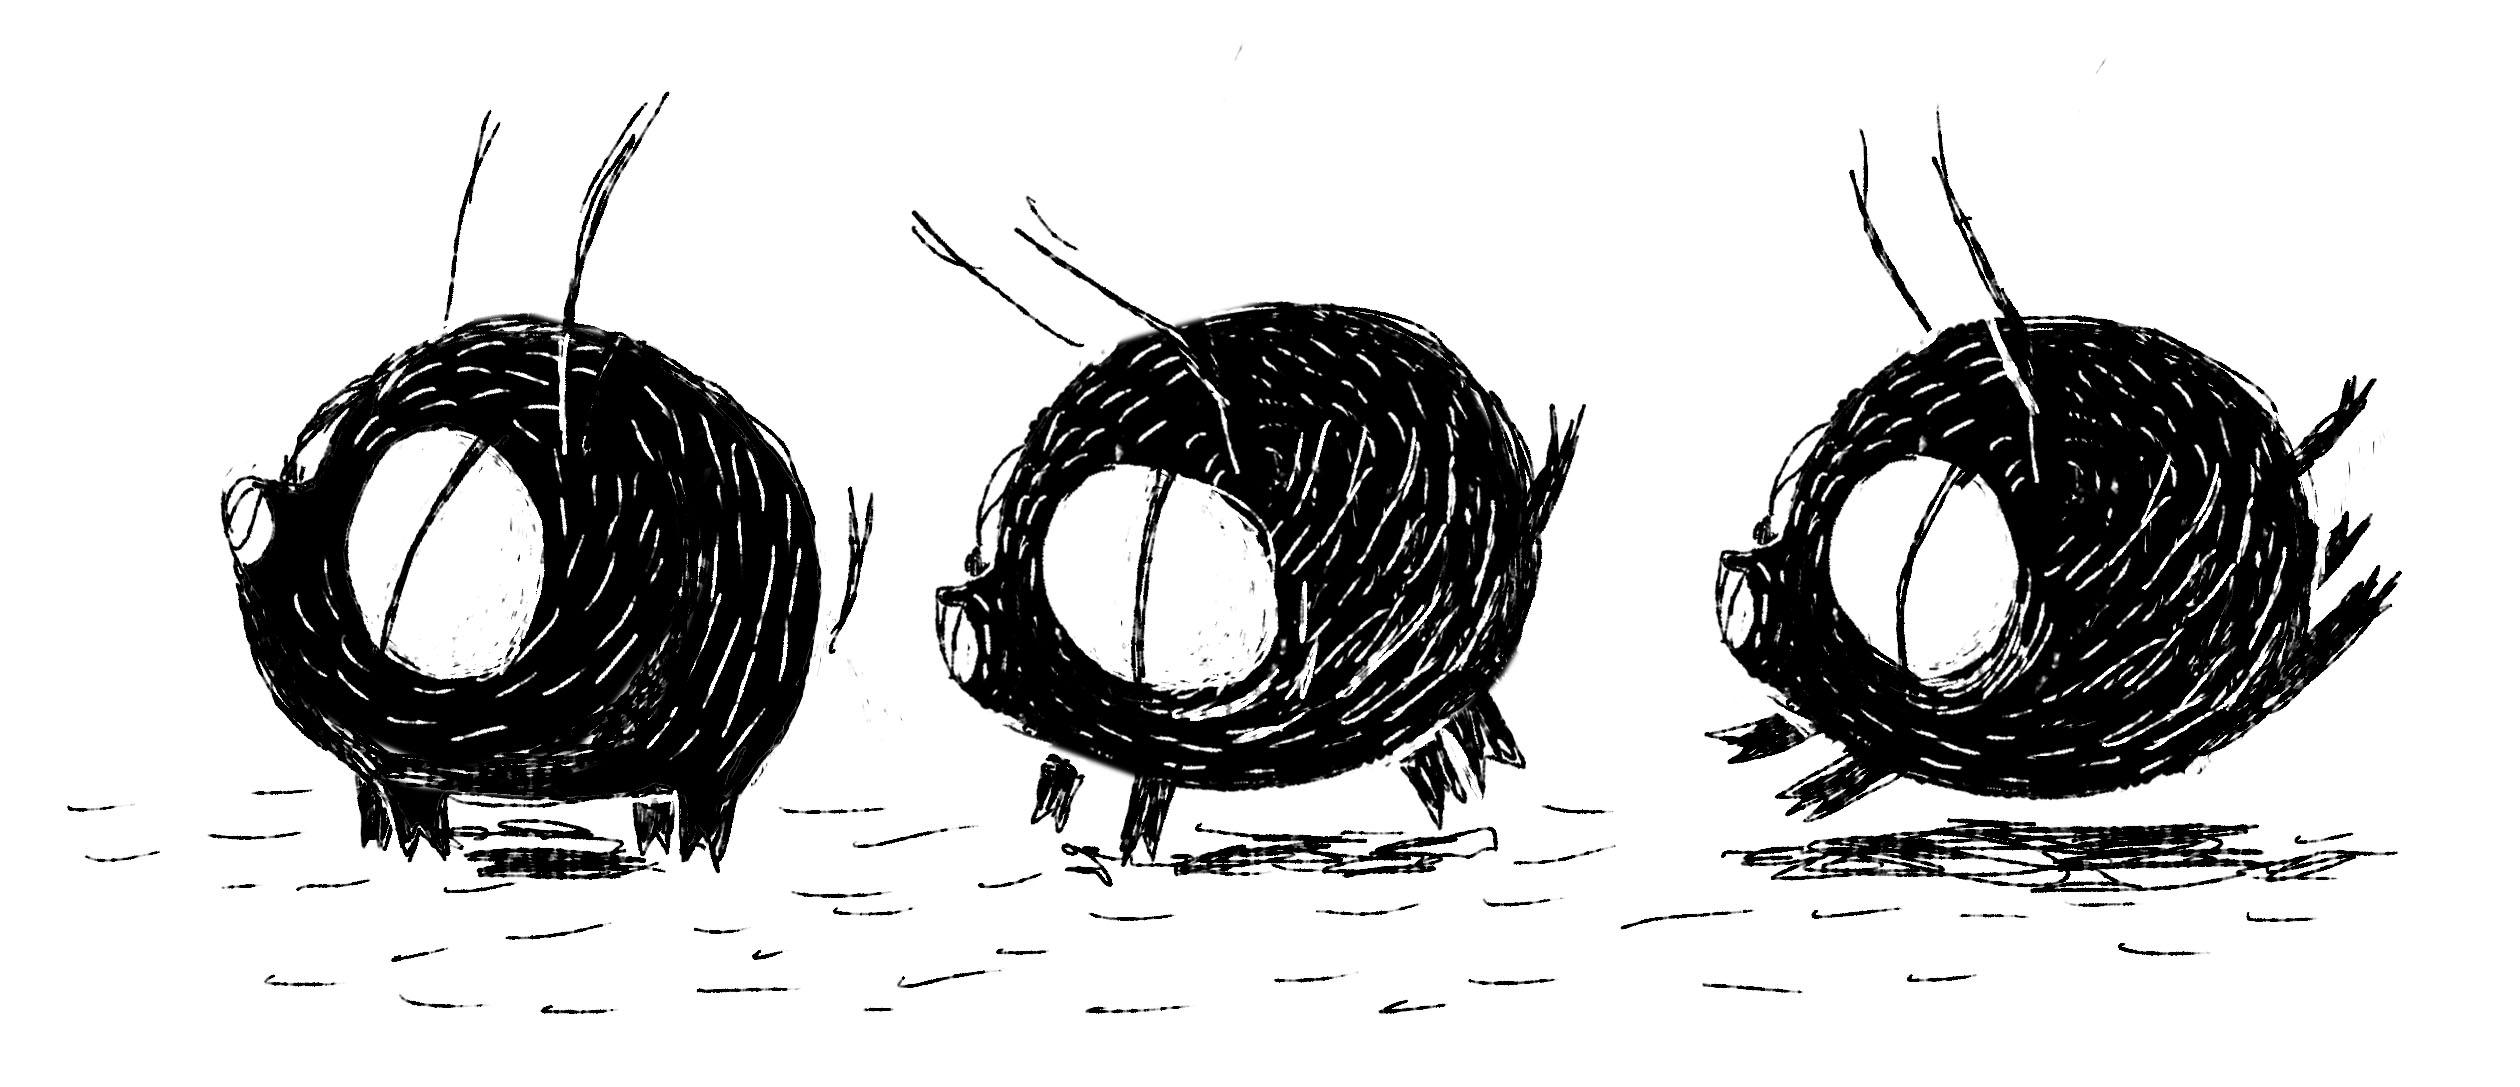 Schweinchen-in-den-waeldern-veganverlag